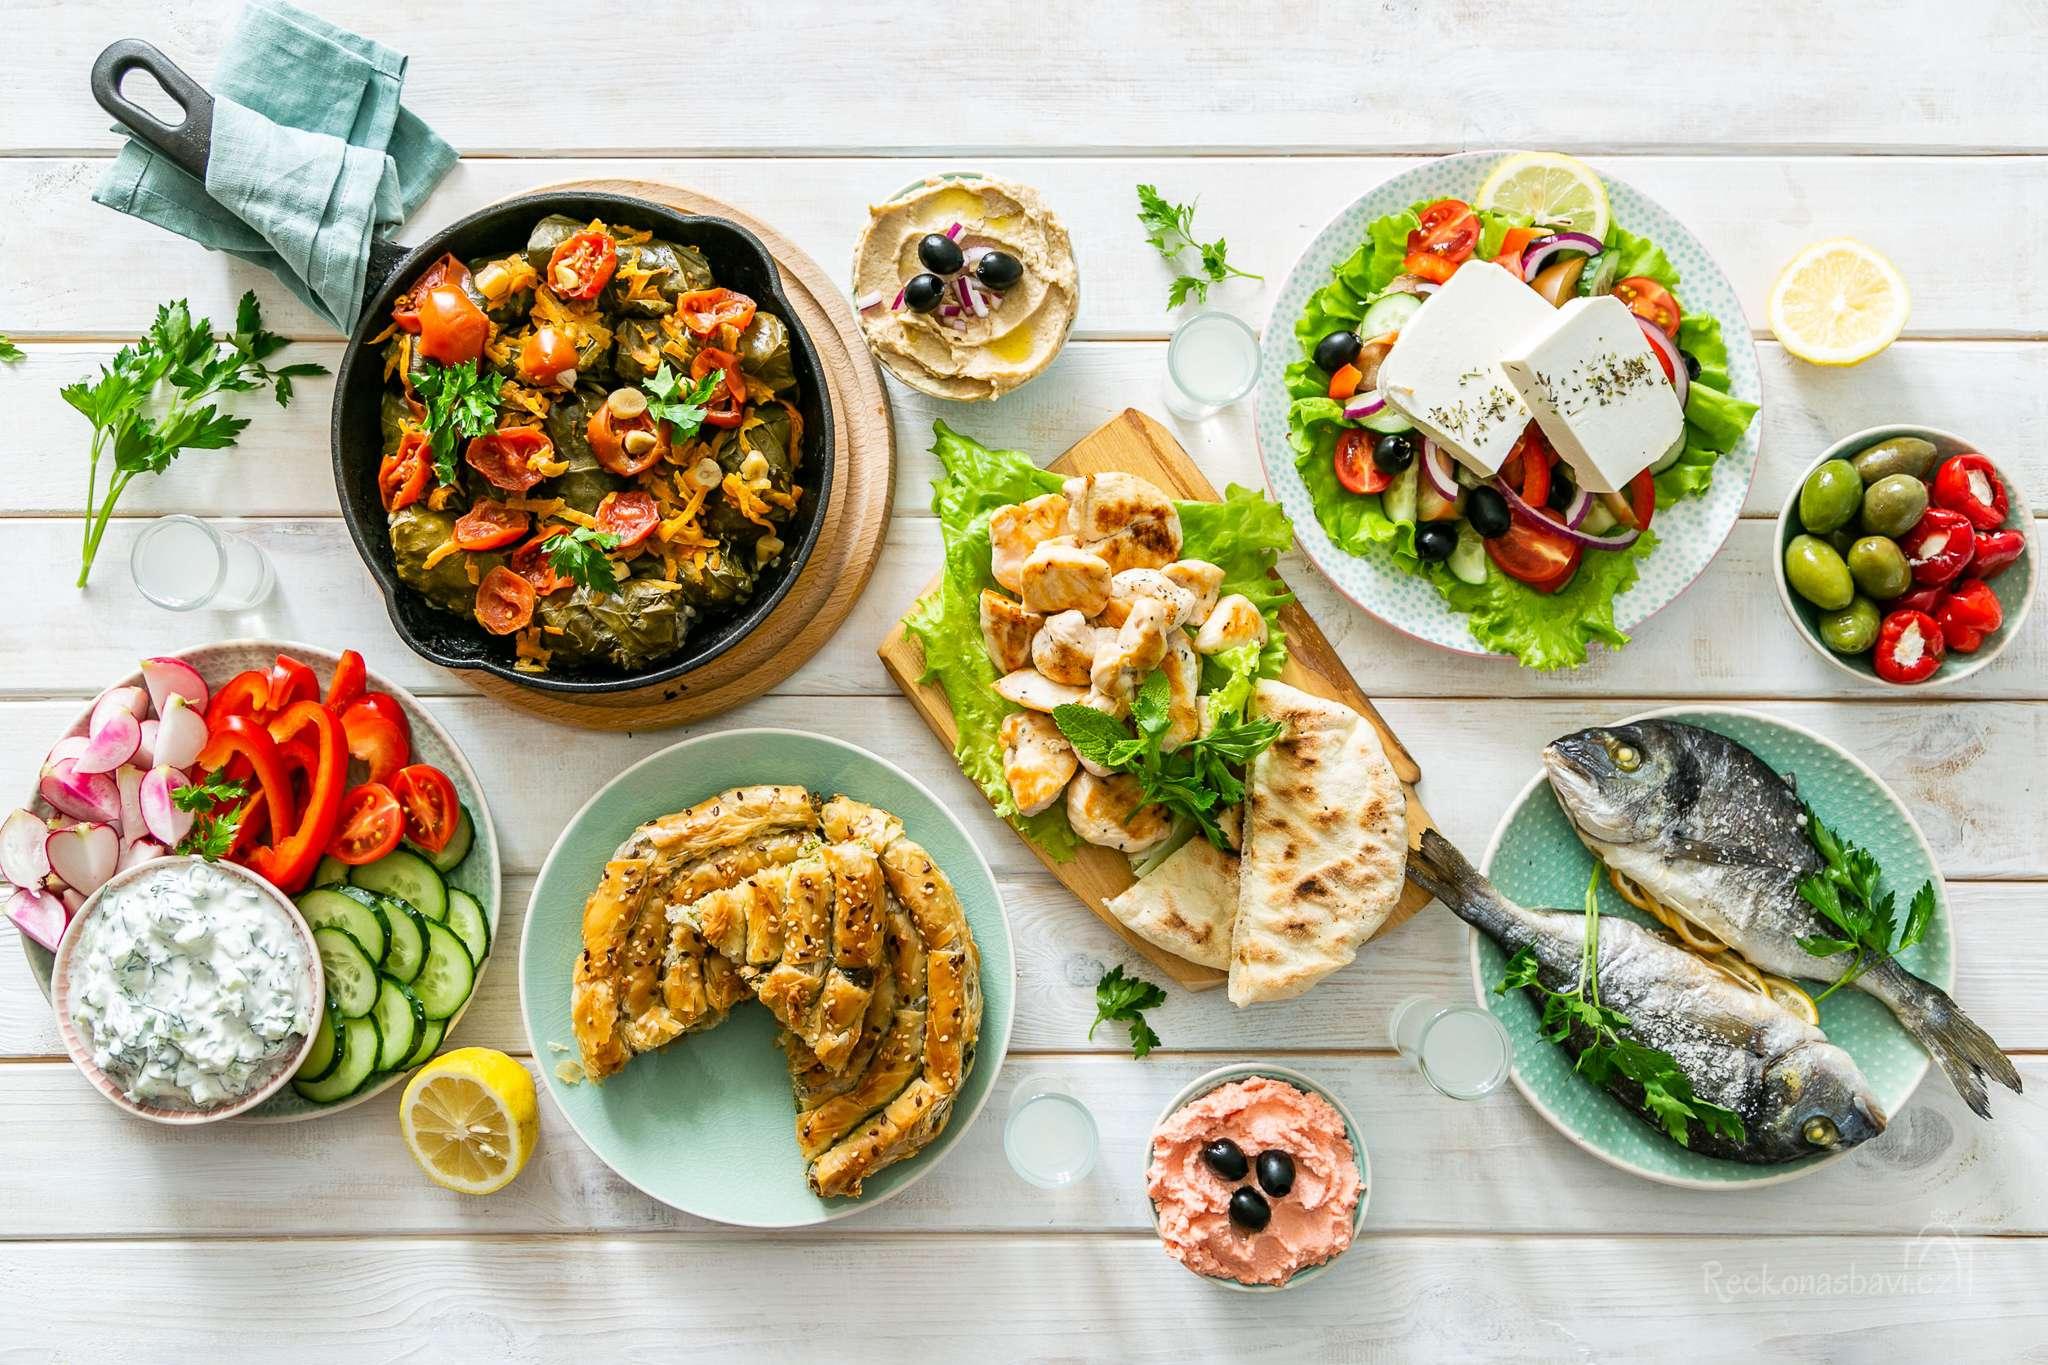 Řecká kuchyně nás baví!